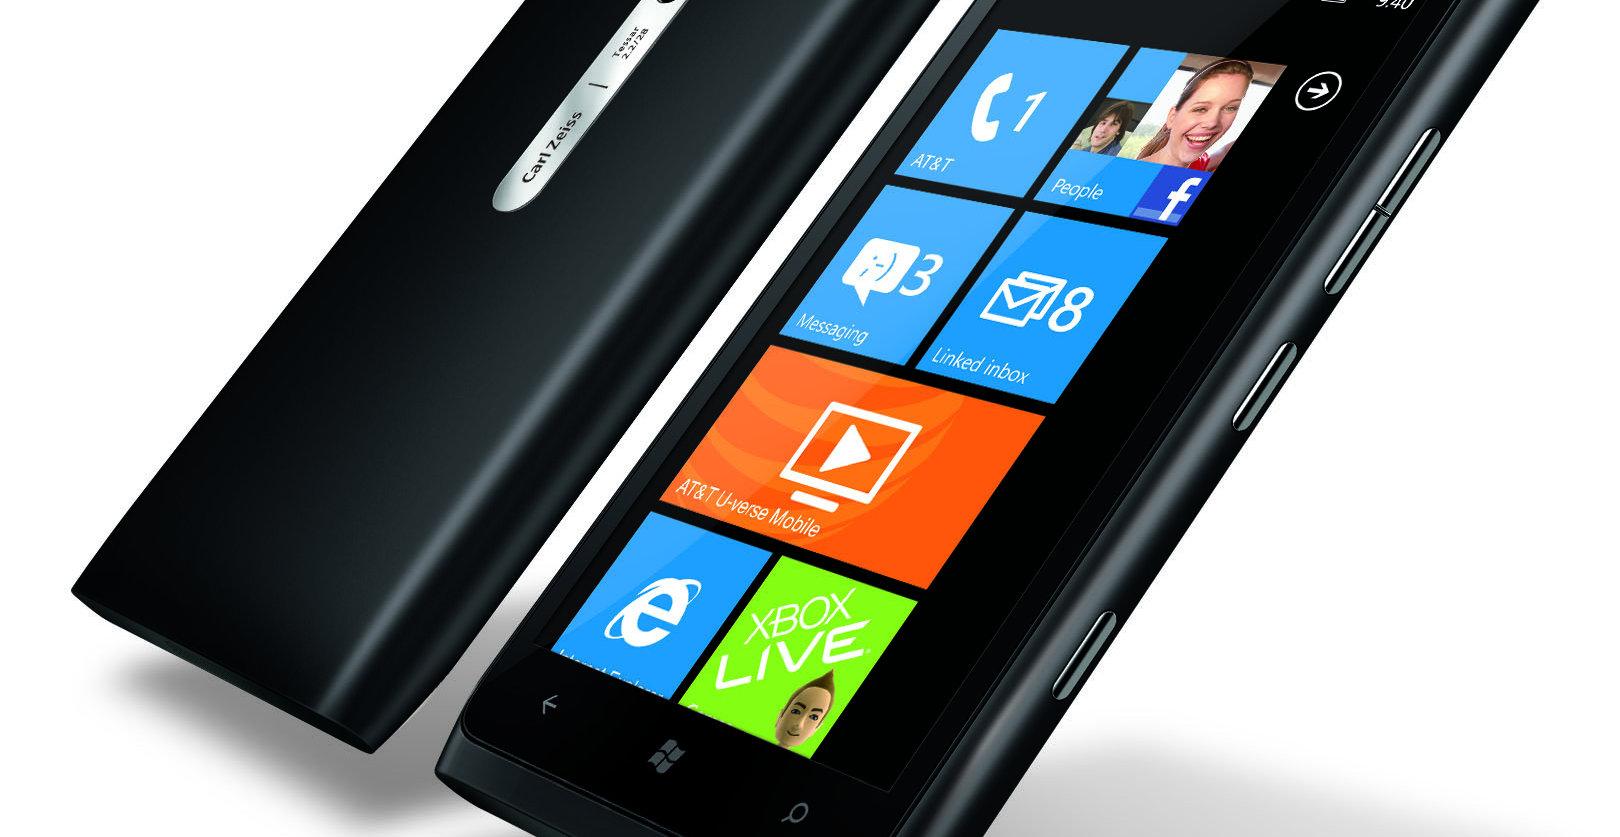 Nokia Lumia 900 og andre Windows Phone 7-telefoner kan  fra 5. februar ikke lenger brukes som betalingsterminal for GoPayment.